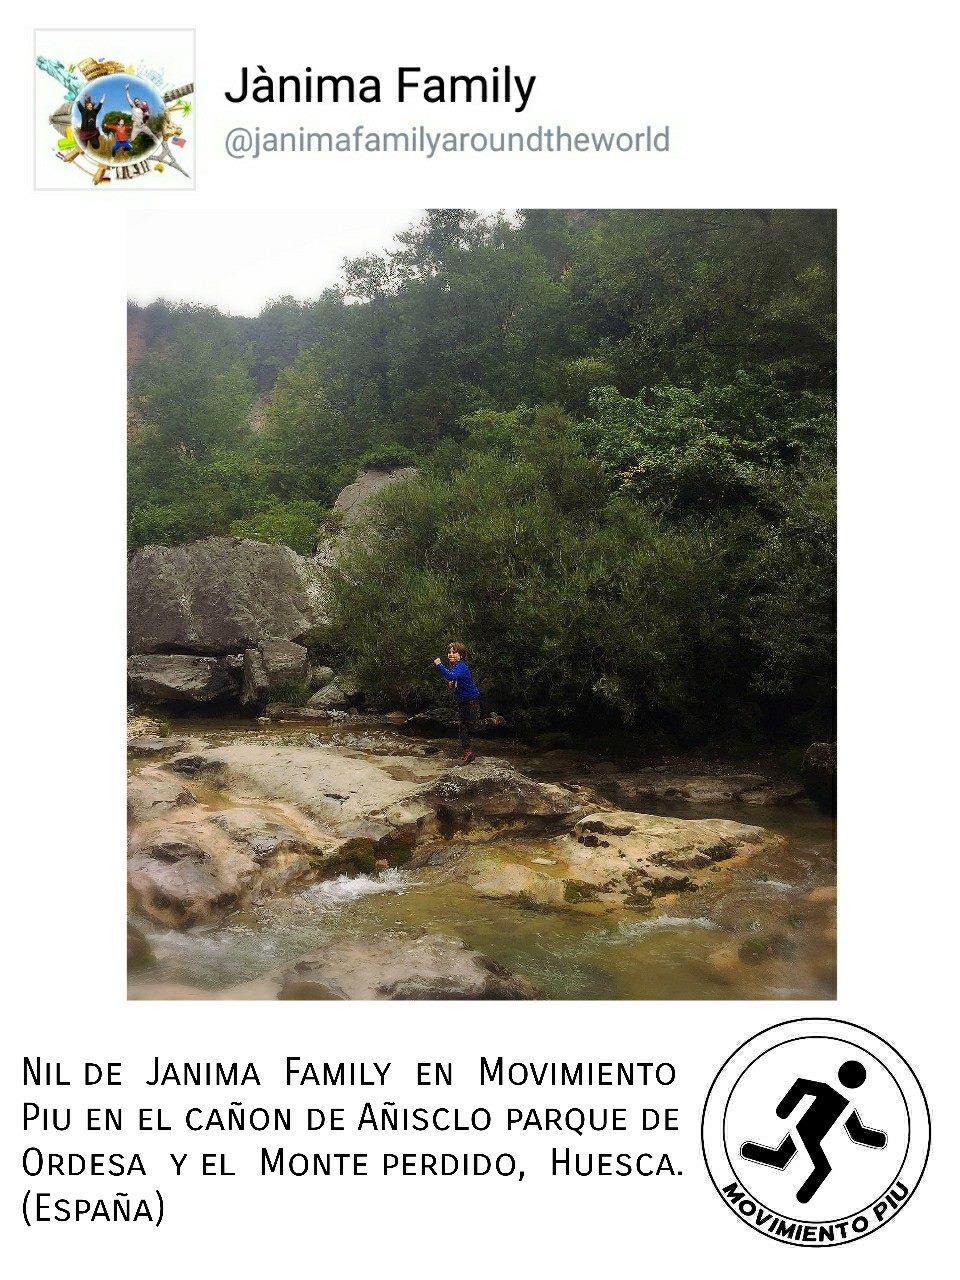 Hànina Family Monte Perdido, Huesca